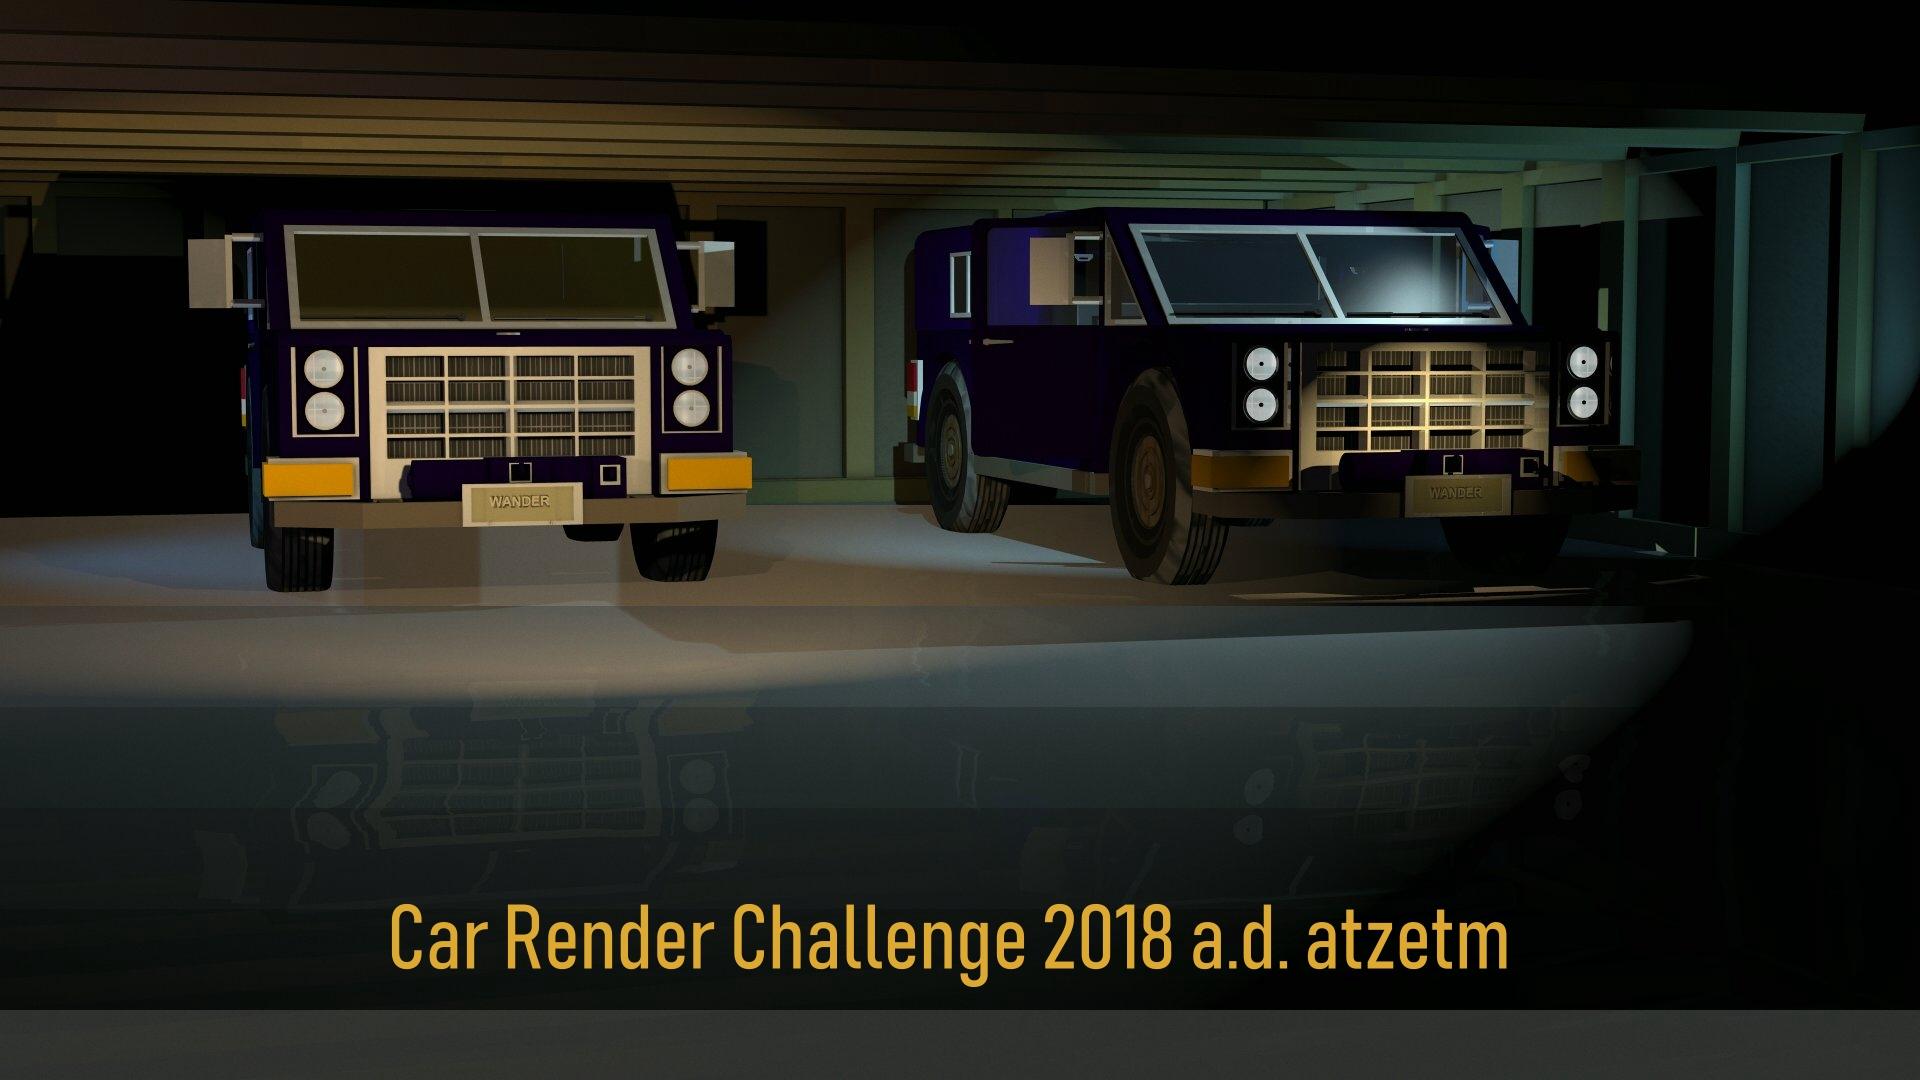 Car Render Challenge 2018 atzetm